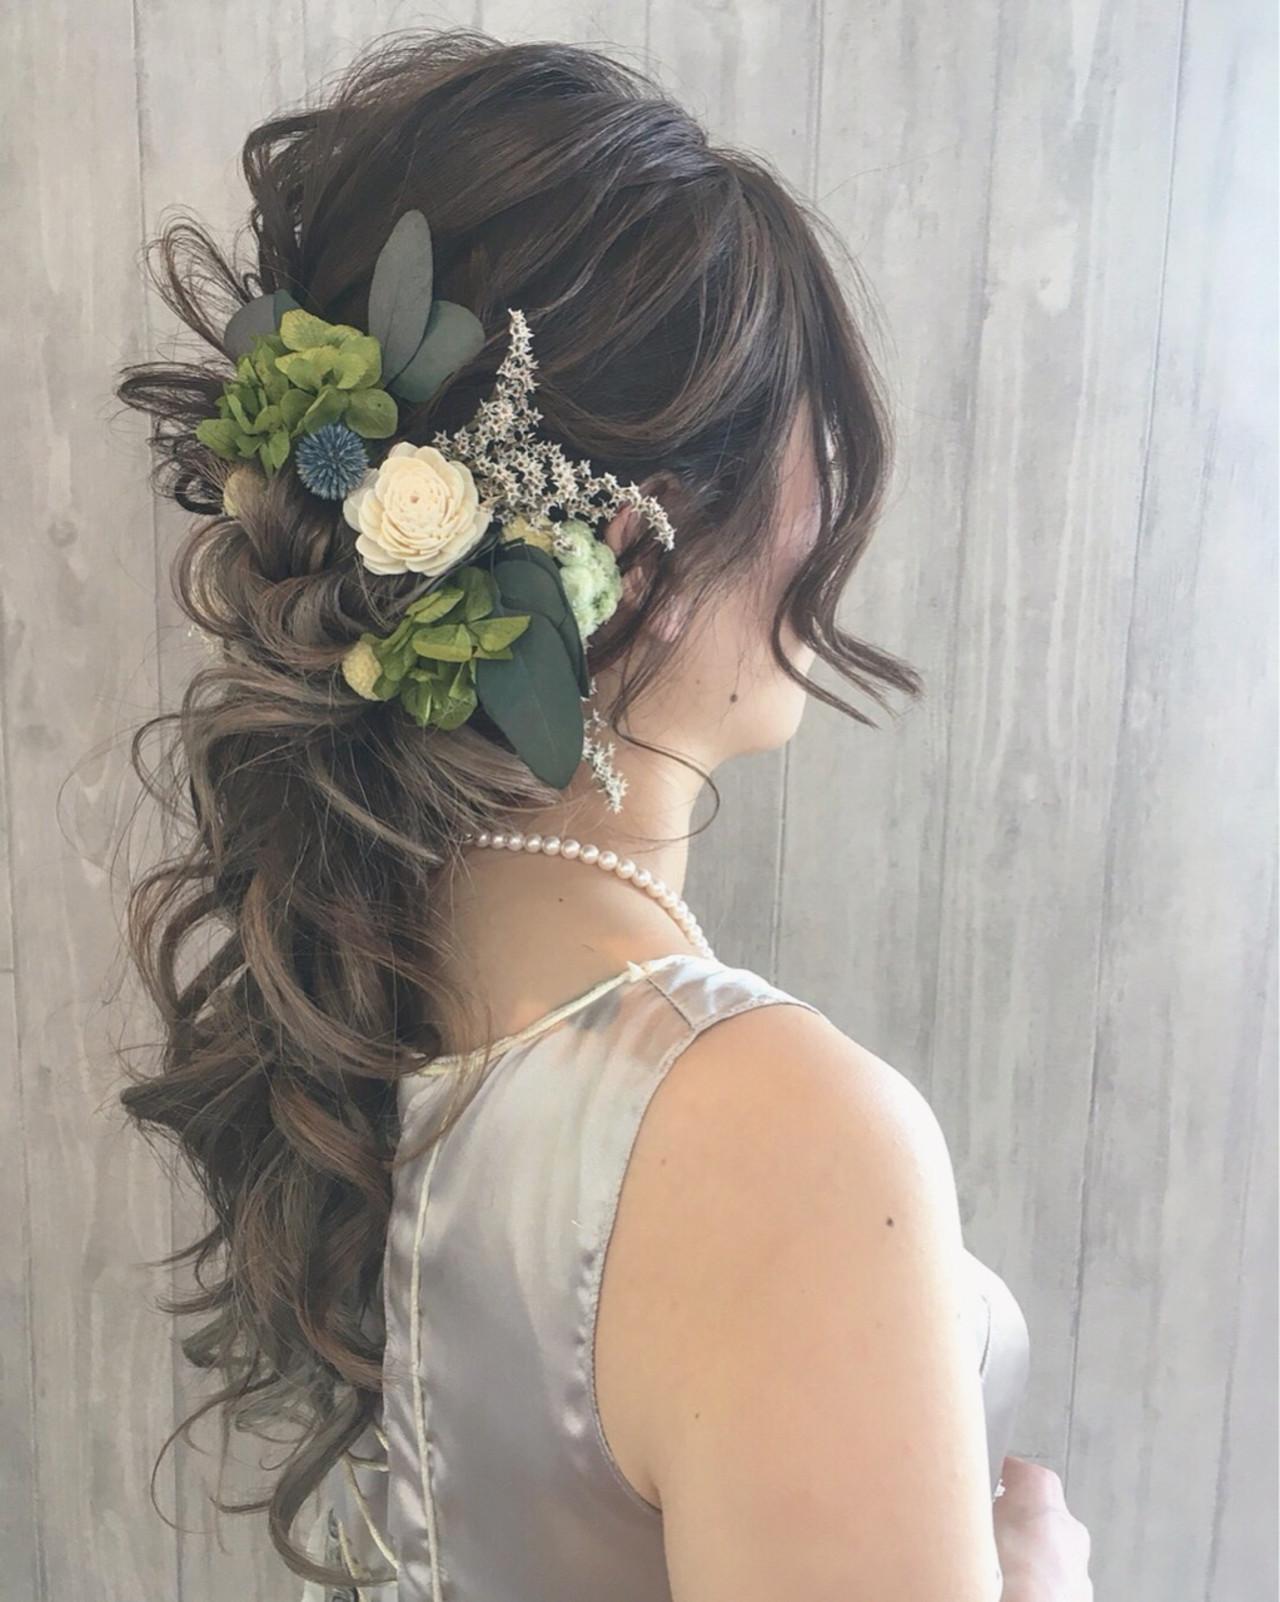 ウエディングドレス向けヘアスタイル♡人生で1番美しい私になれる髪型10選 宮田 恵里香